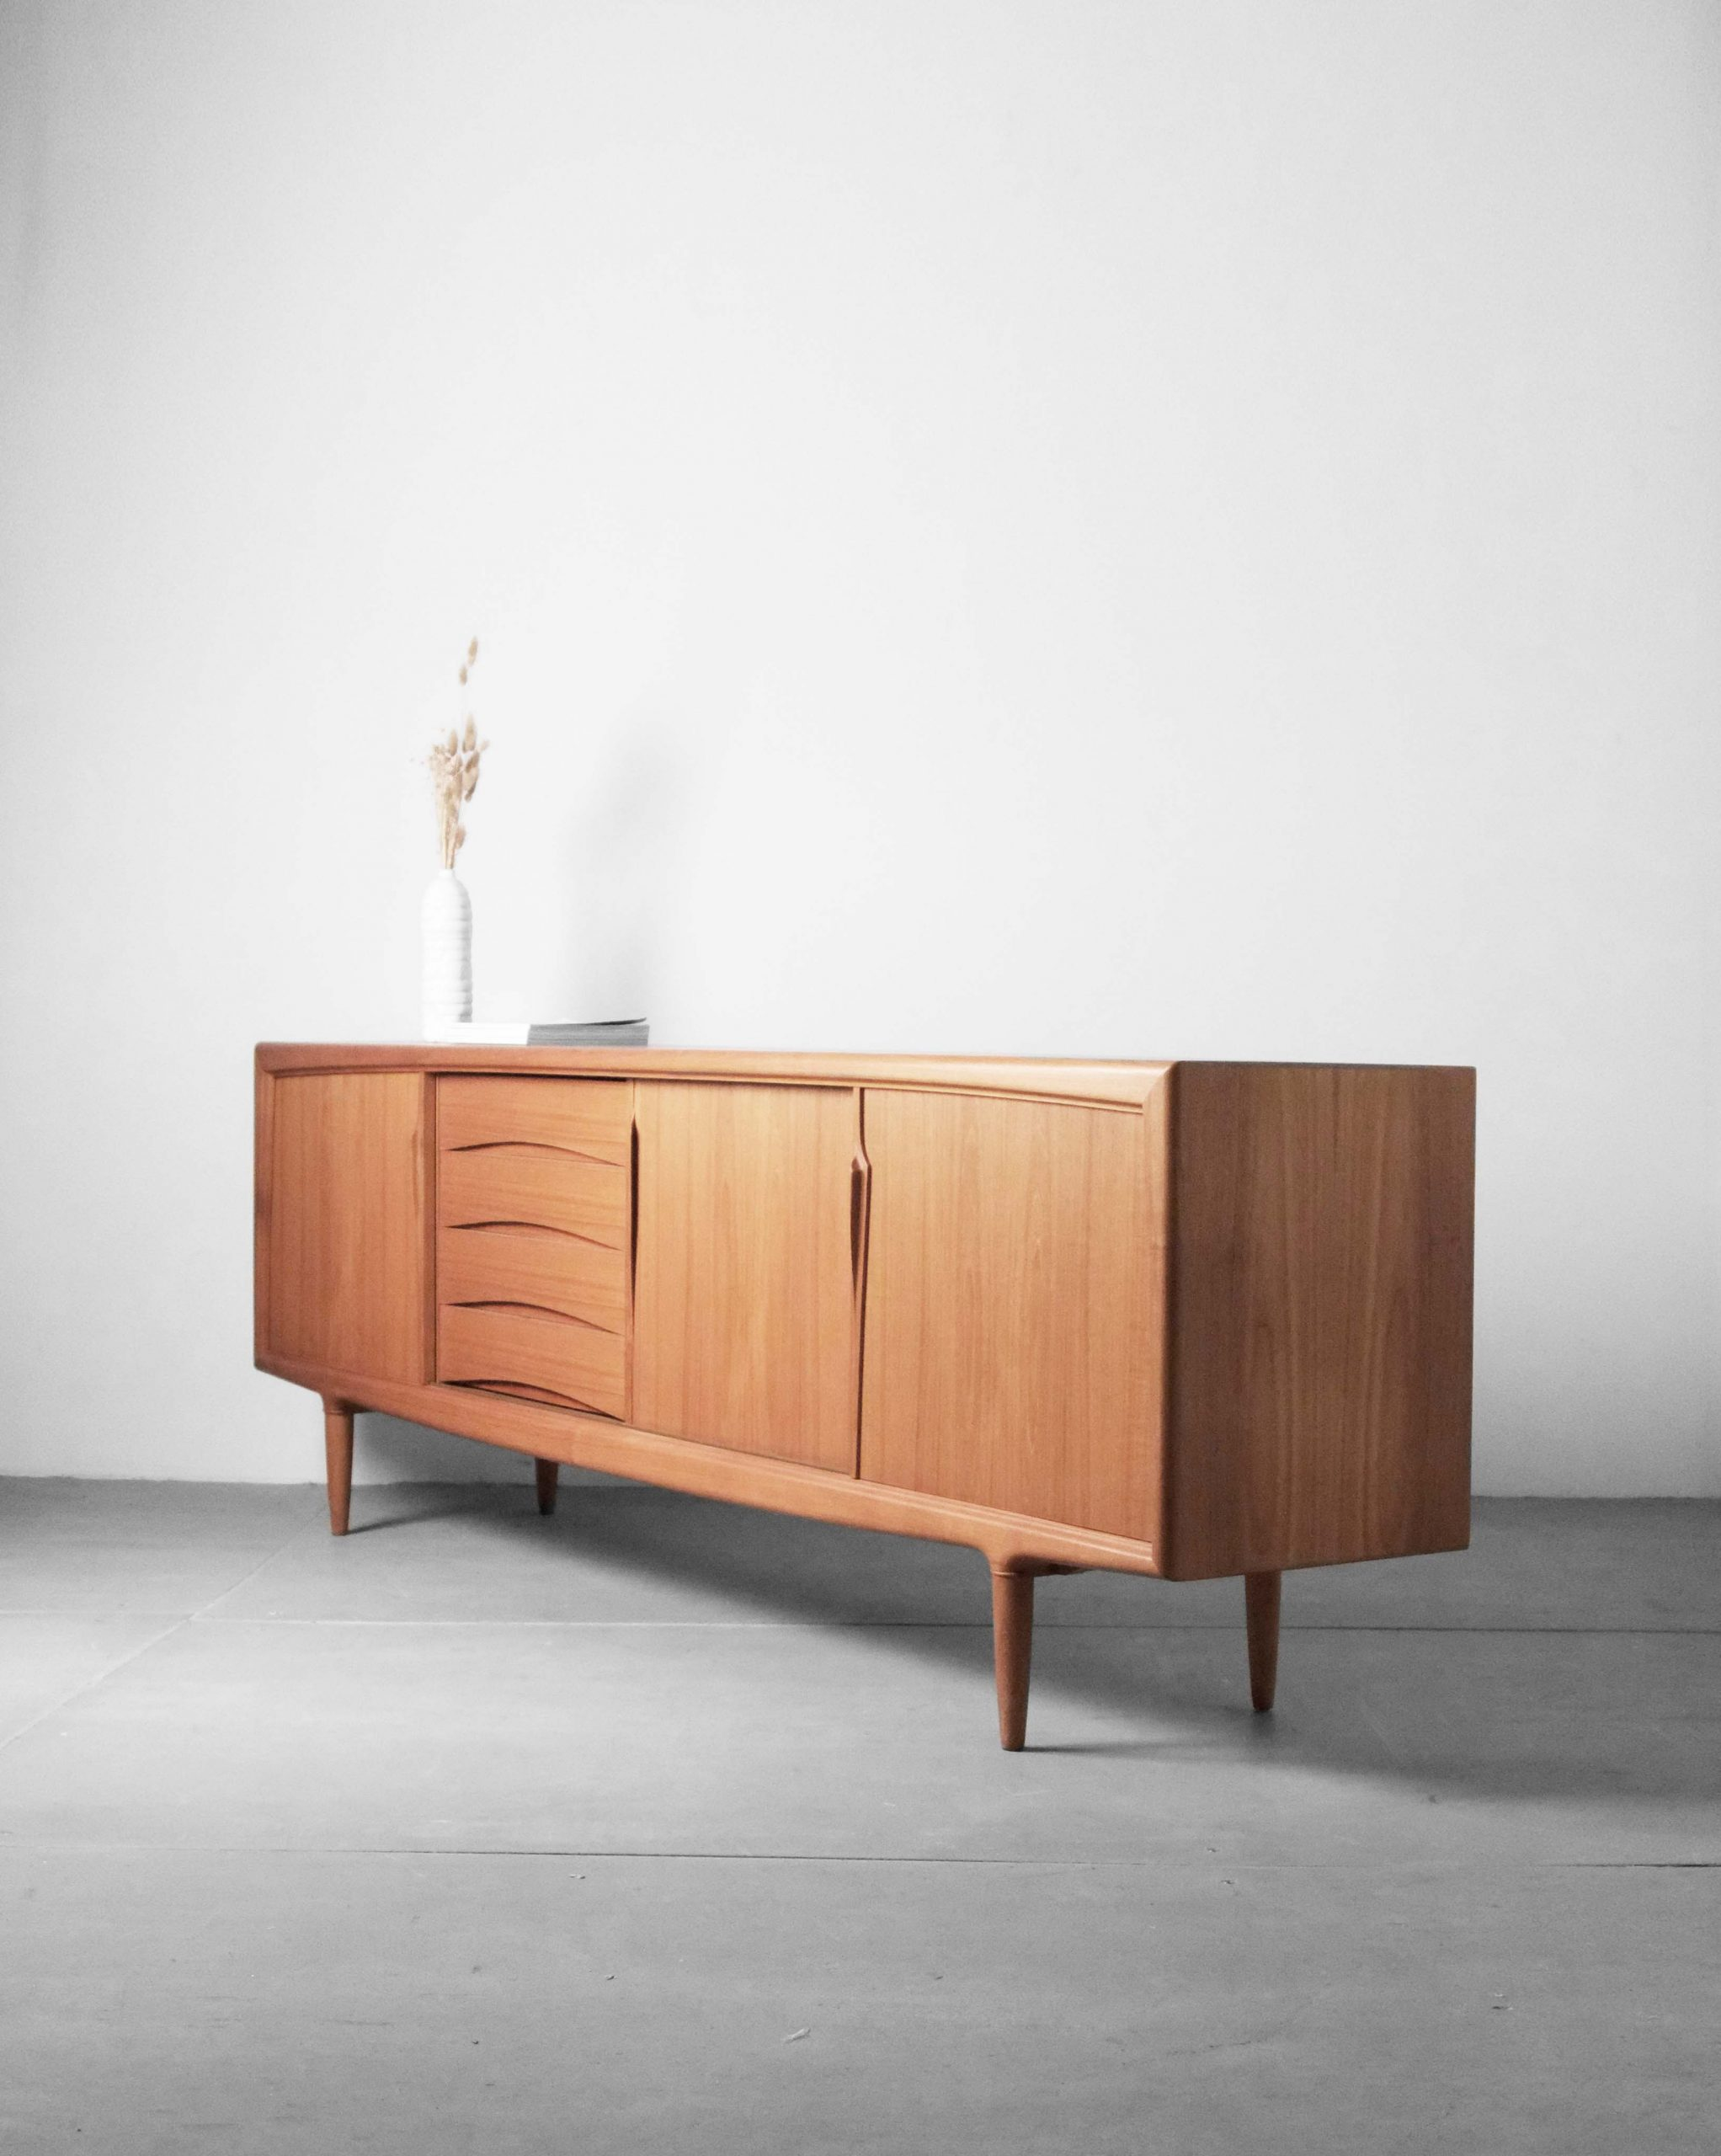 aparador victor wilkins de madera de teca mueble bar discos años 60